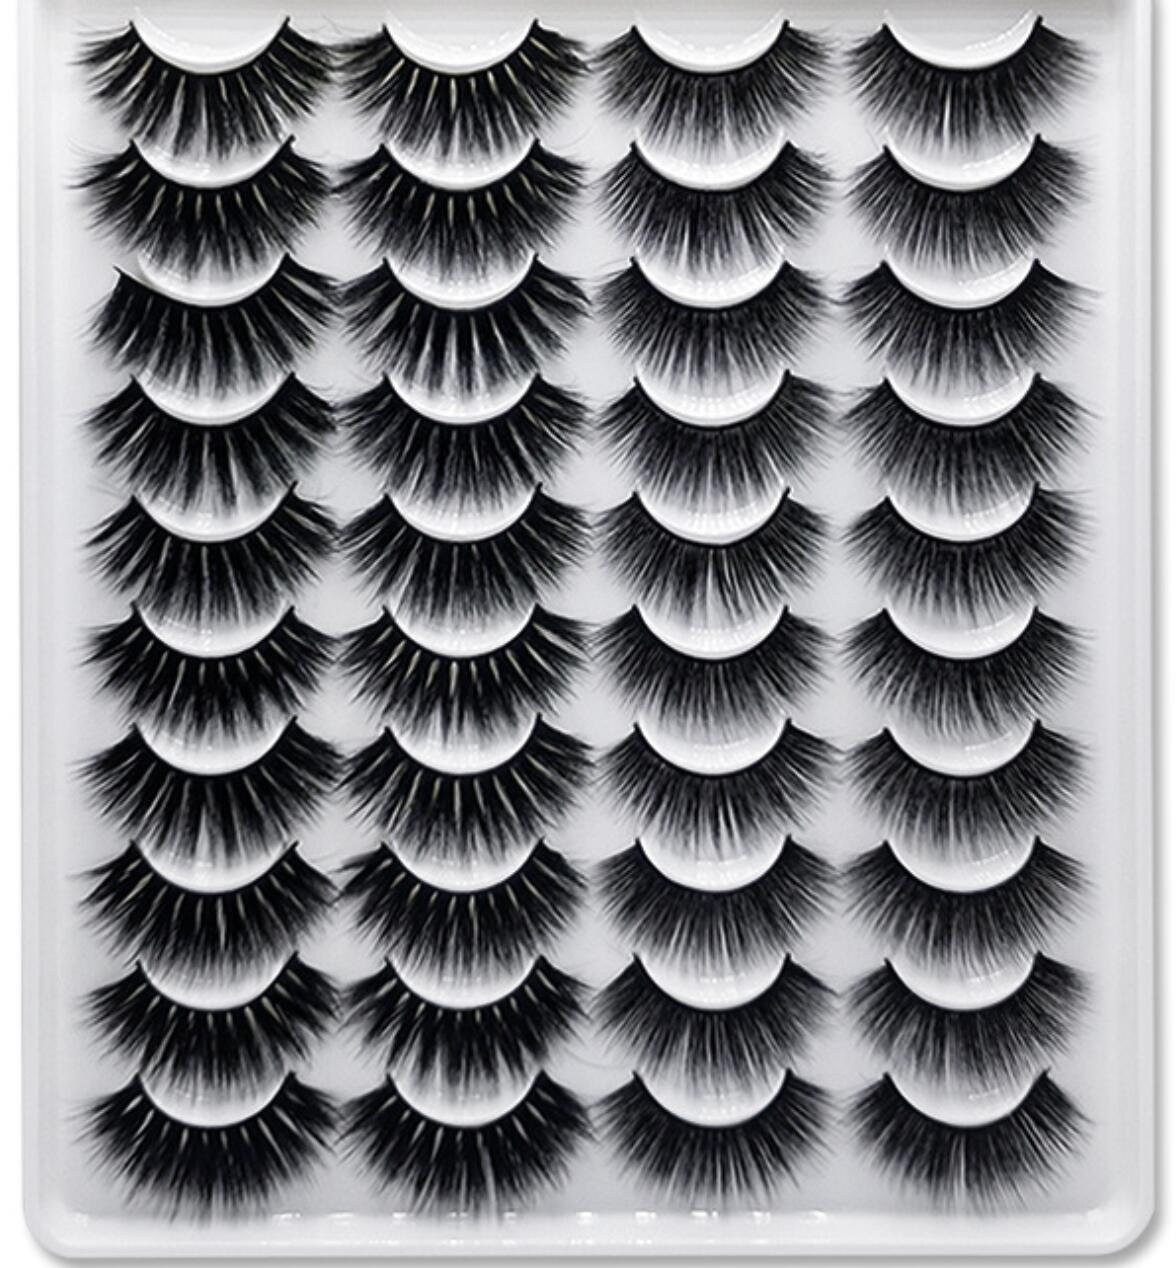 20 أزواج / مجموعة 3D المنك جلدة الرموش الصناعية ماكياج الطبيعية رمش تمديد طويل الصليب حجم لينة وهمية العين الرموش